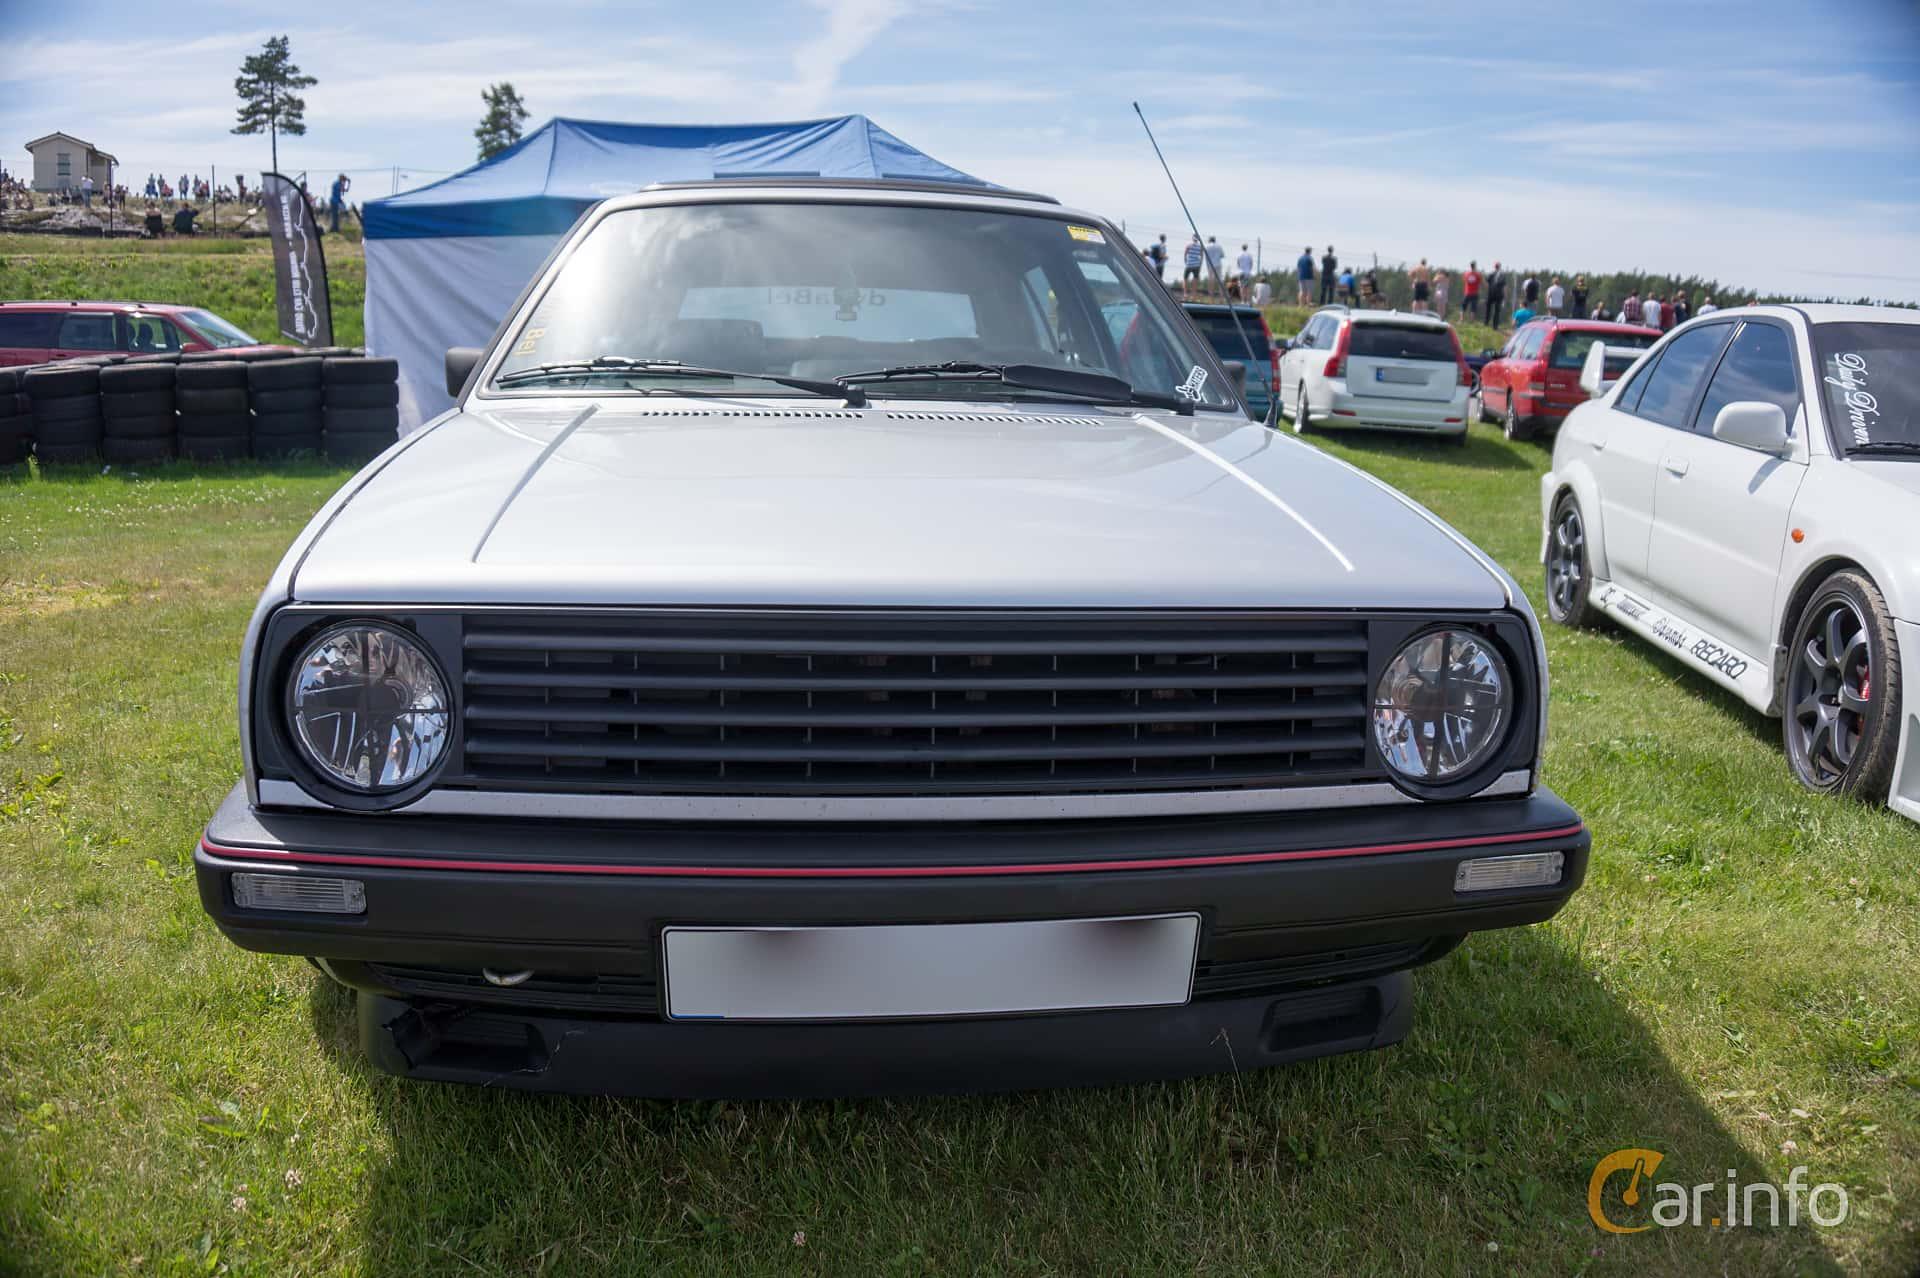 2 images of volkswagen golf gti 3 door 1 8 manual 112hp 1985 by rh car info 1986 Volkswagen Golf 1990 Volkswagen Golf